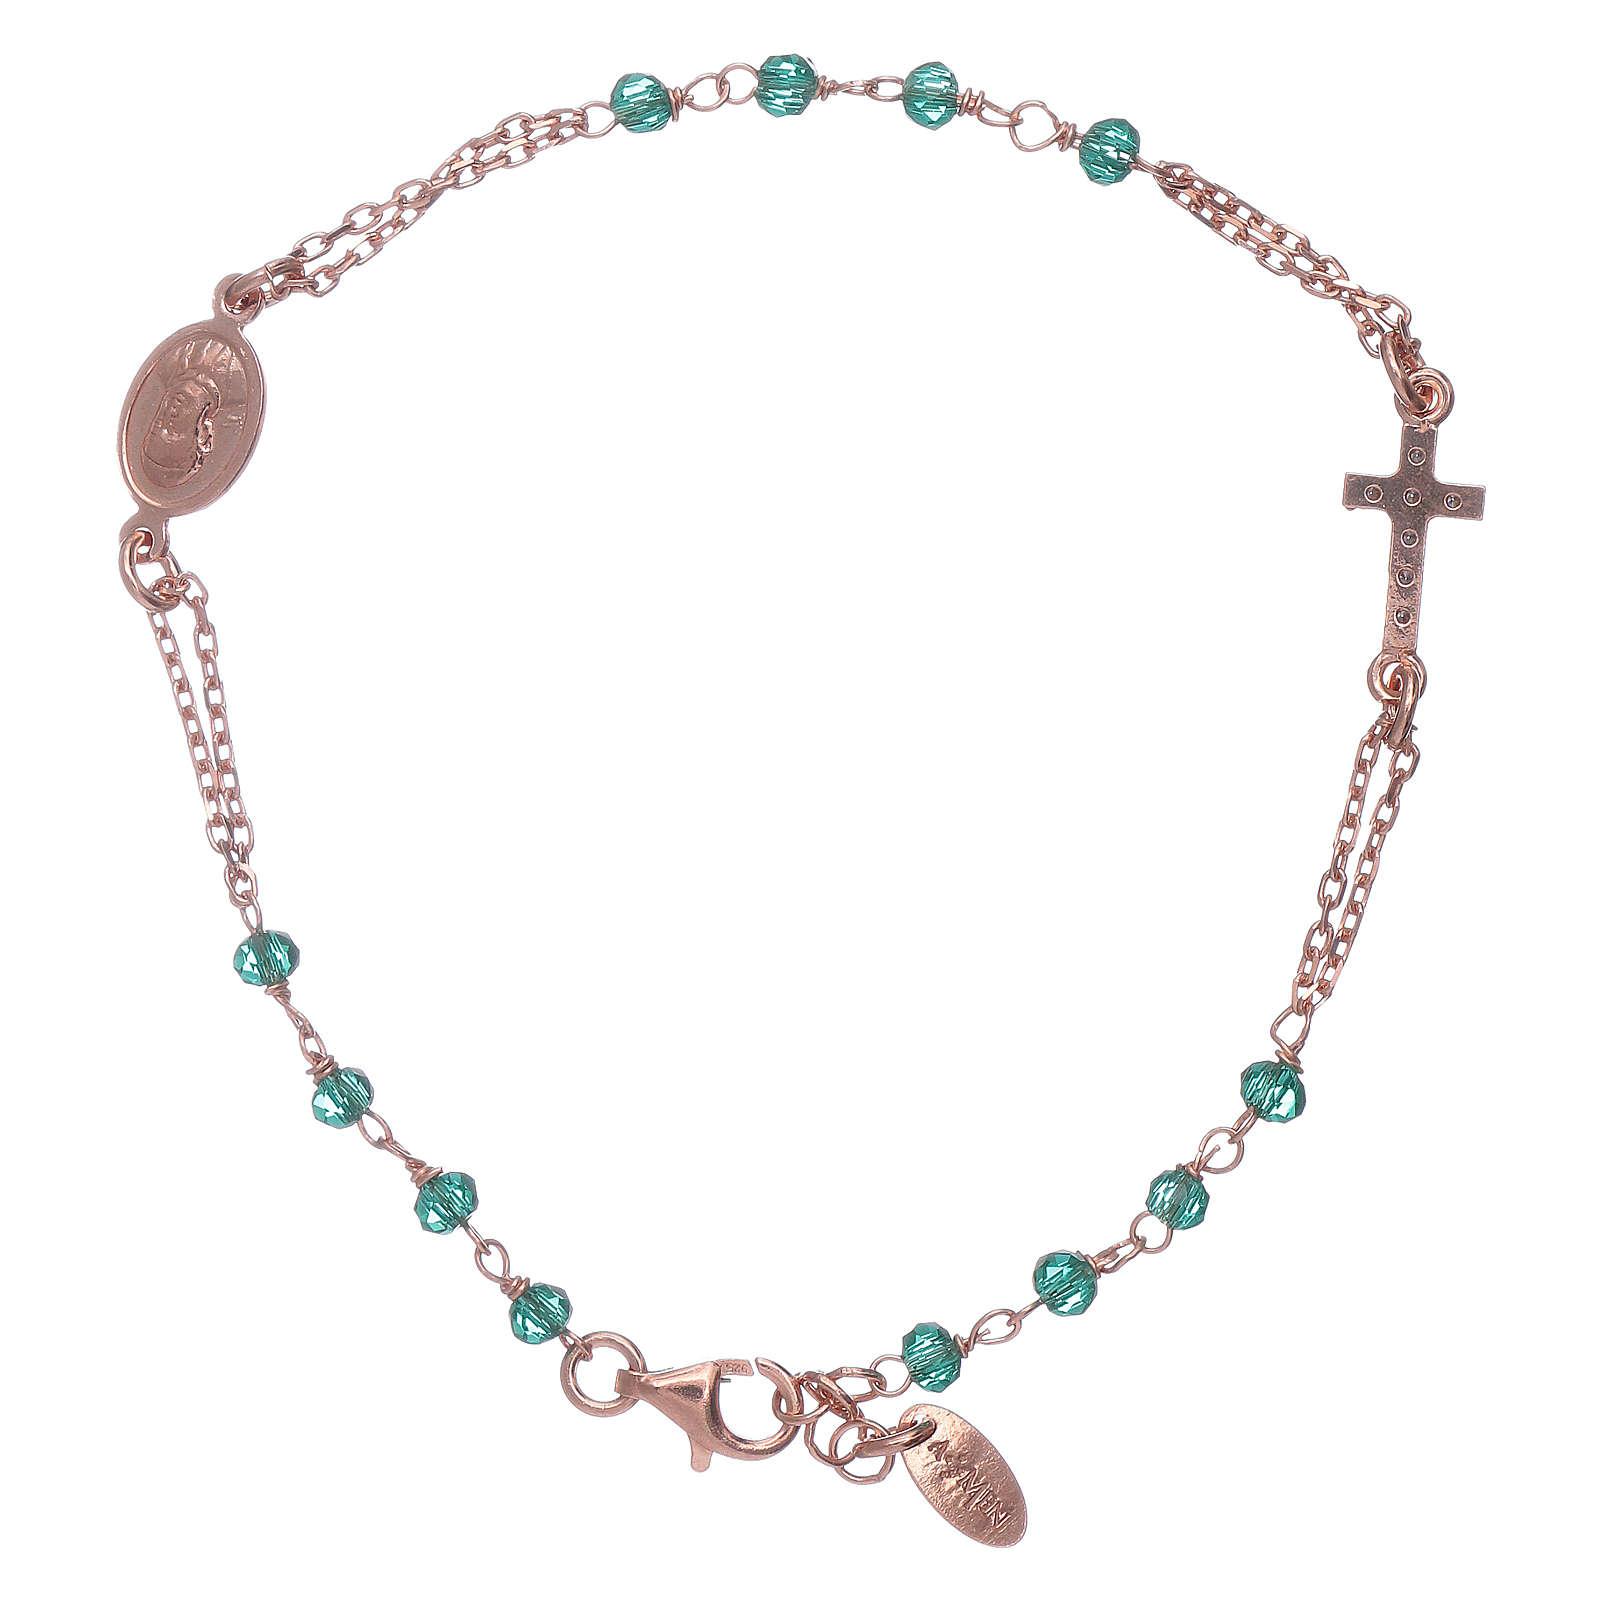 AMEN 925 sterling silver bracelet 4